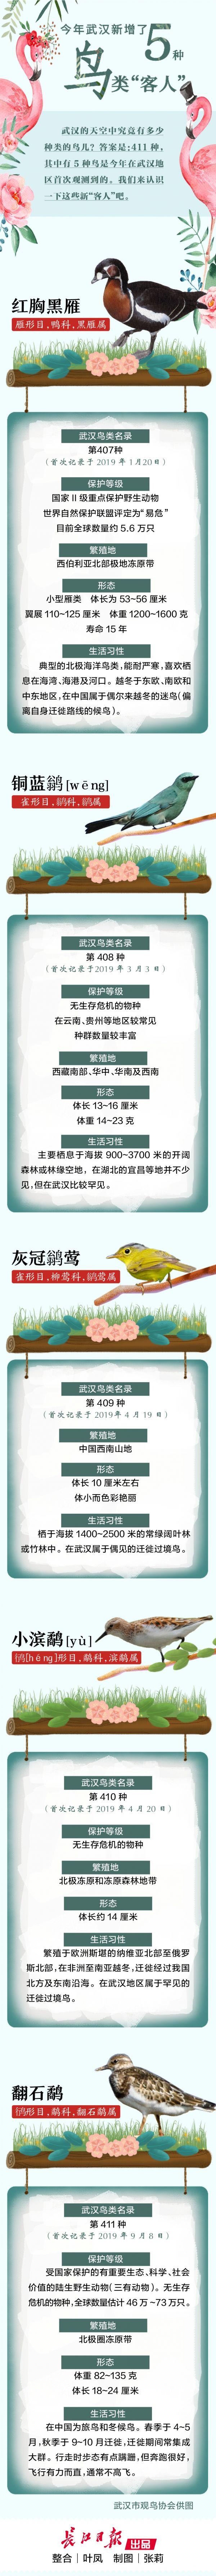 """武汉究竟有多少种鸟411种,今年新增5种""""鸟客人"""""""